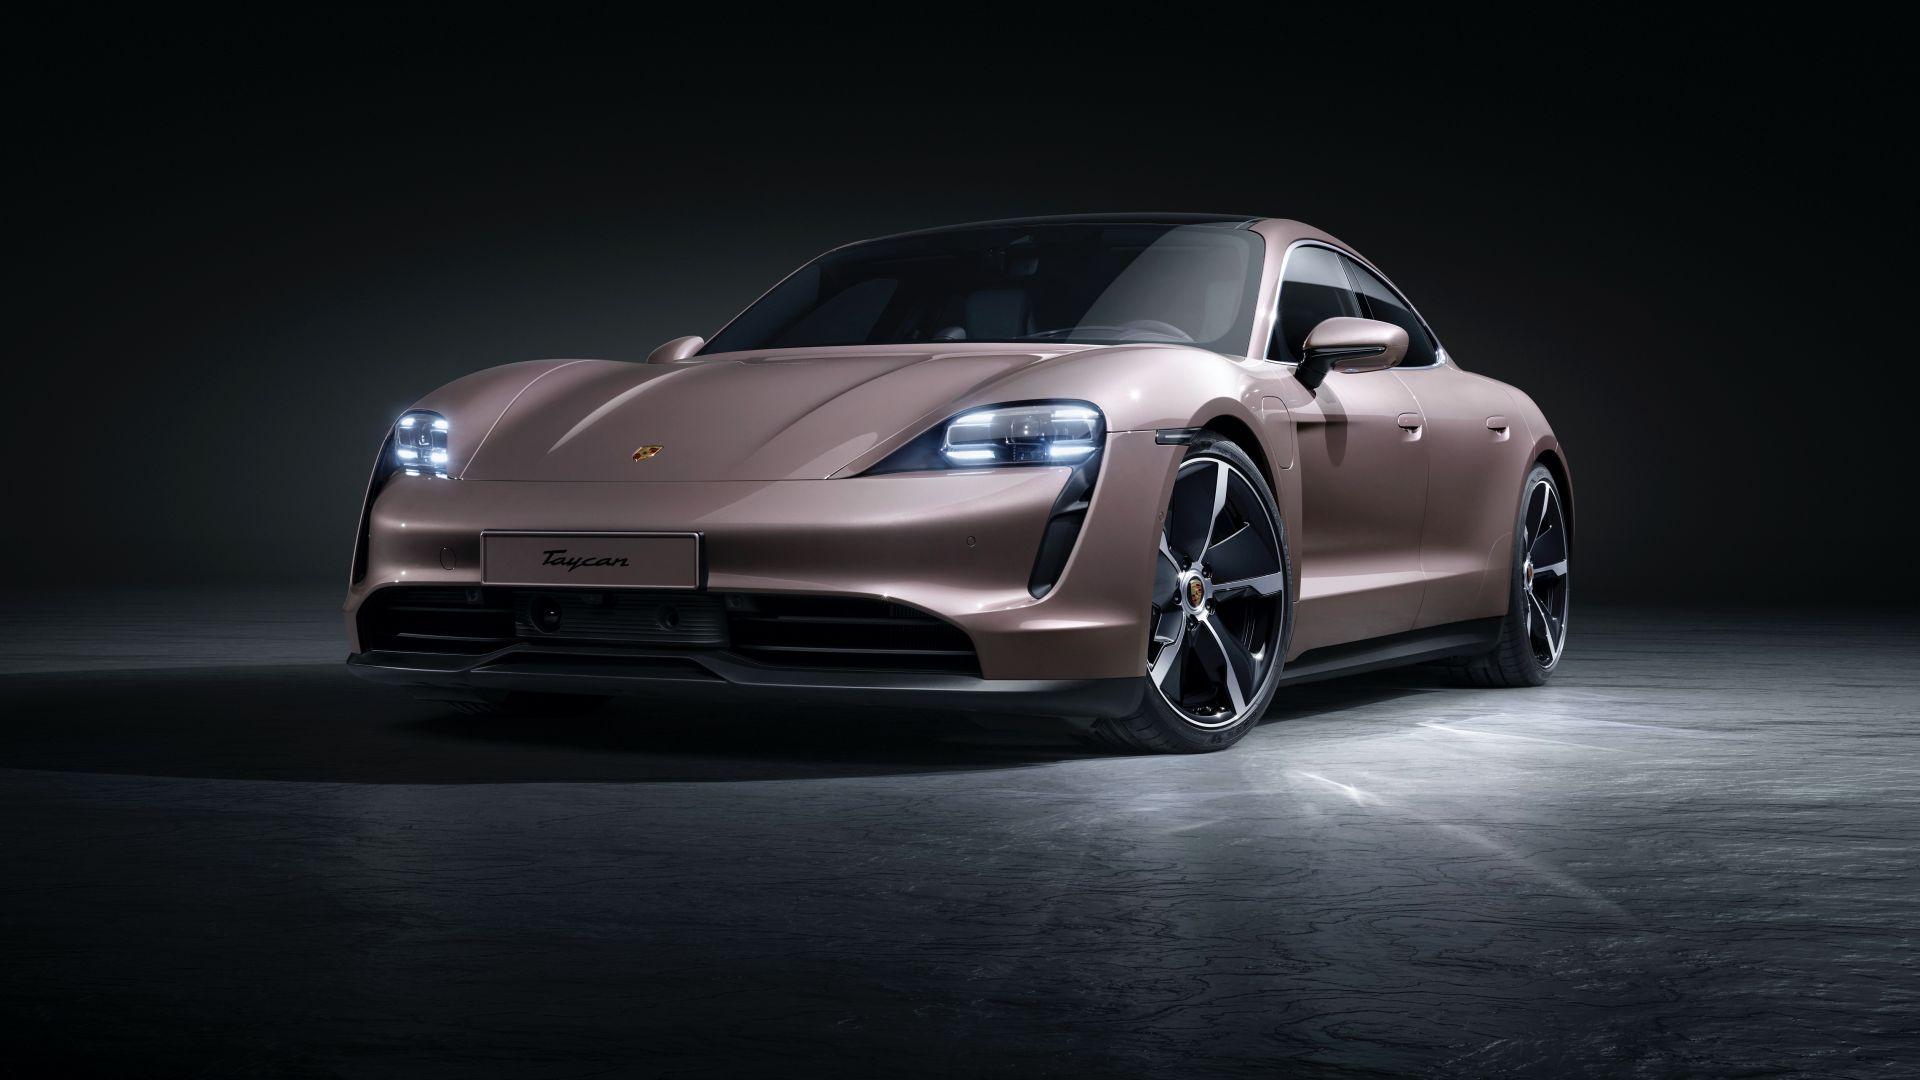 Porsche Taycan sada dostupan i samo sa stražnjim pogonom